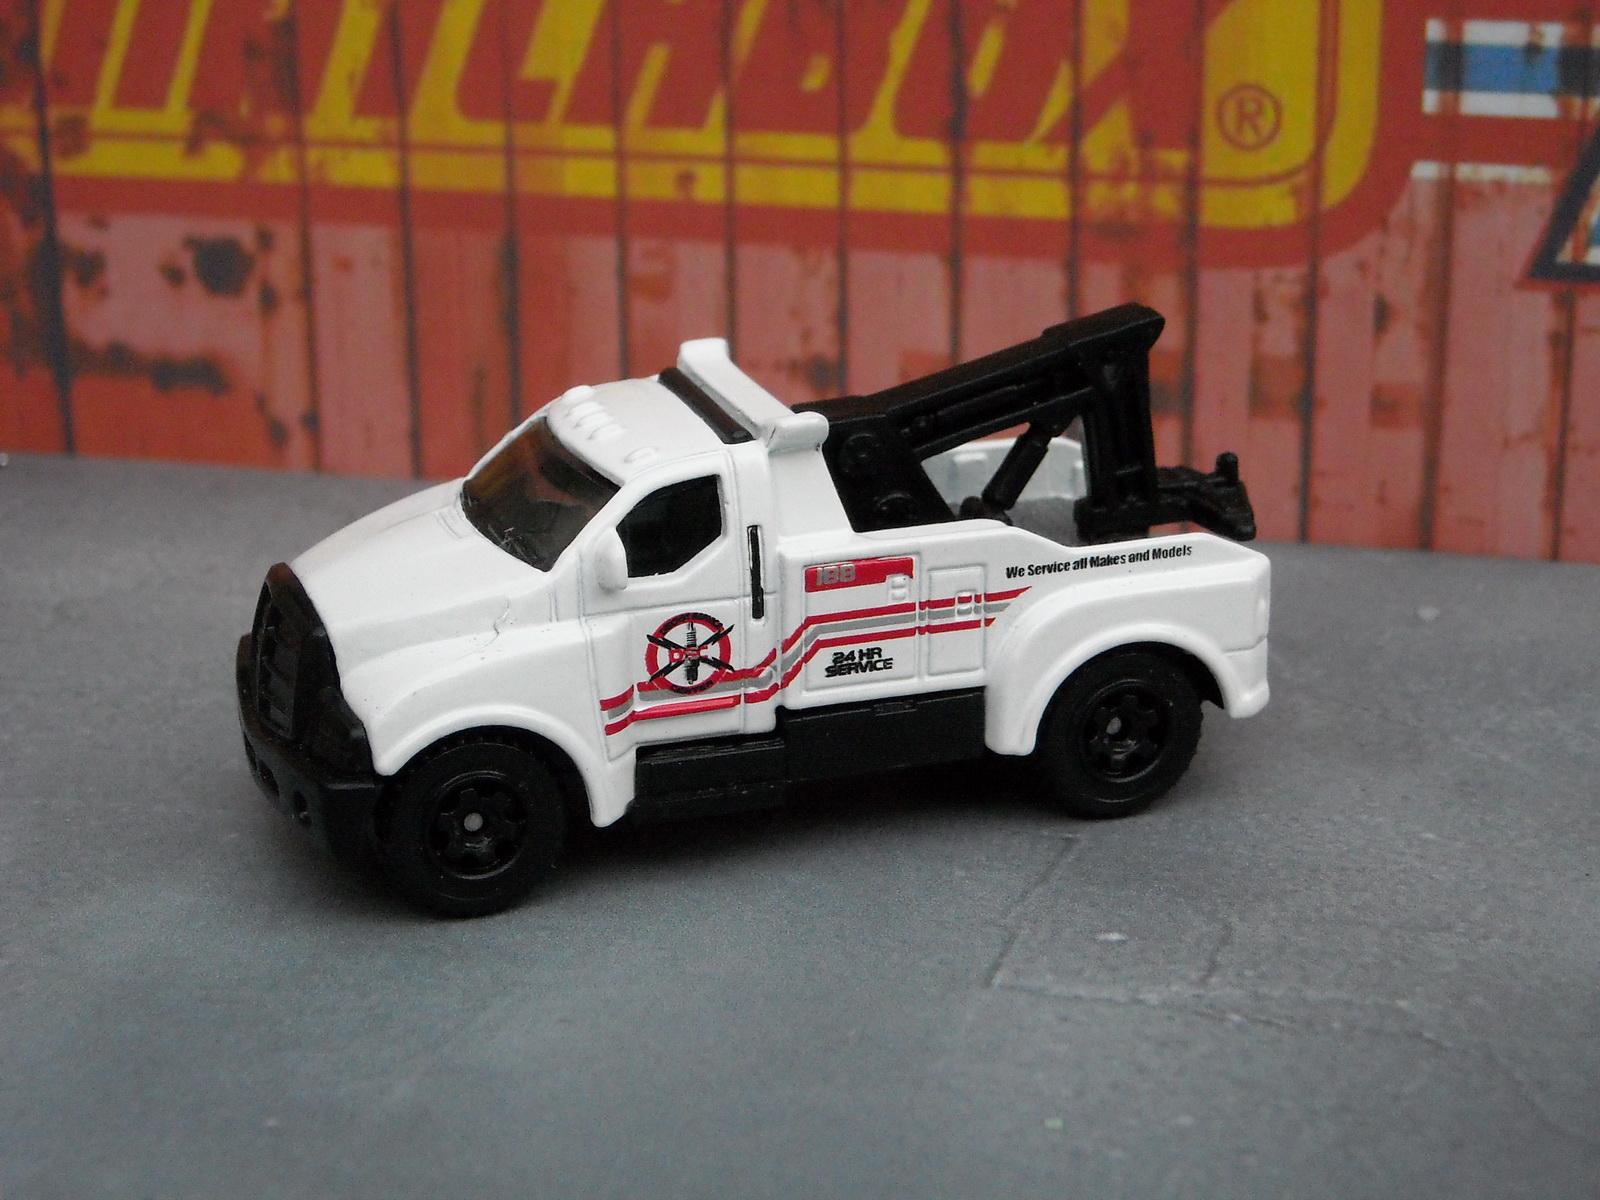 http://4.bp.blogspot.com/-W_wE4mN8RL4/Tkq3IT9S0FI/AAAAAAAADrs/YHSP8NDEMPU/s1600/matchbox_tow_truck_2.JPG